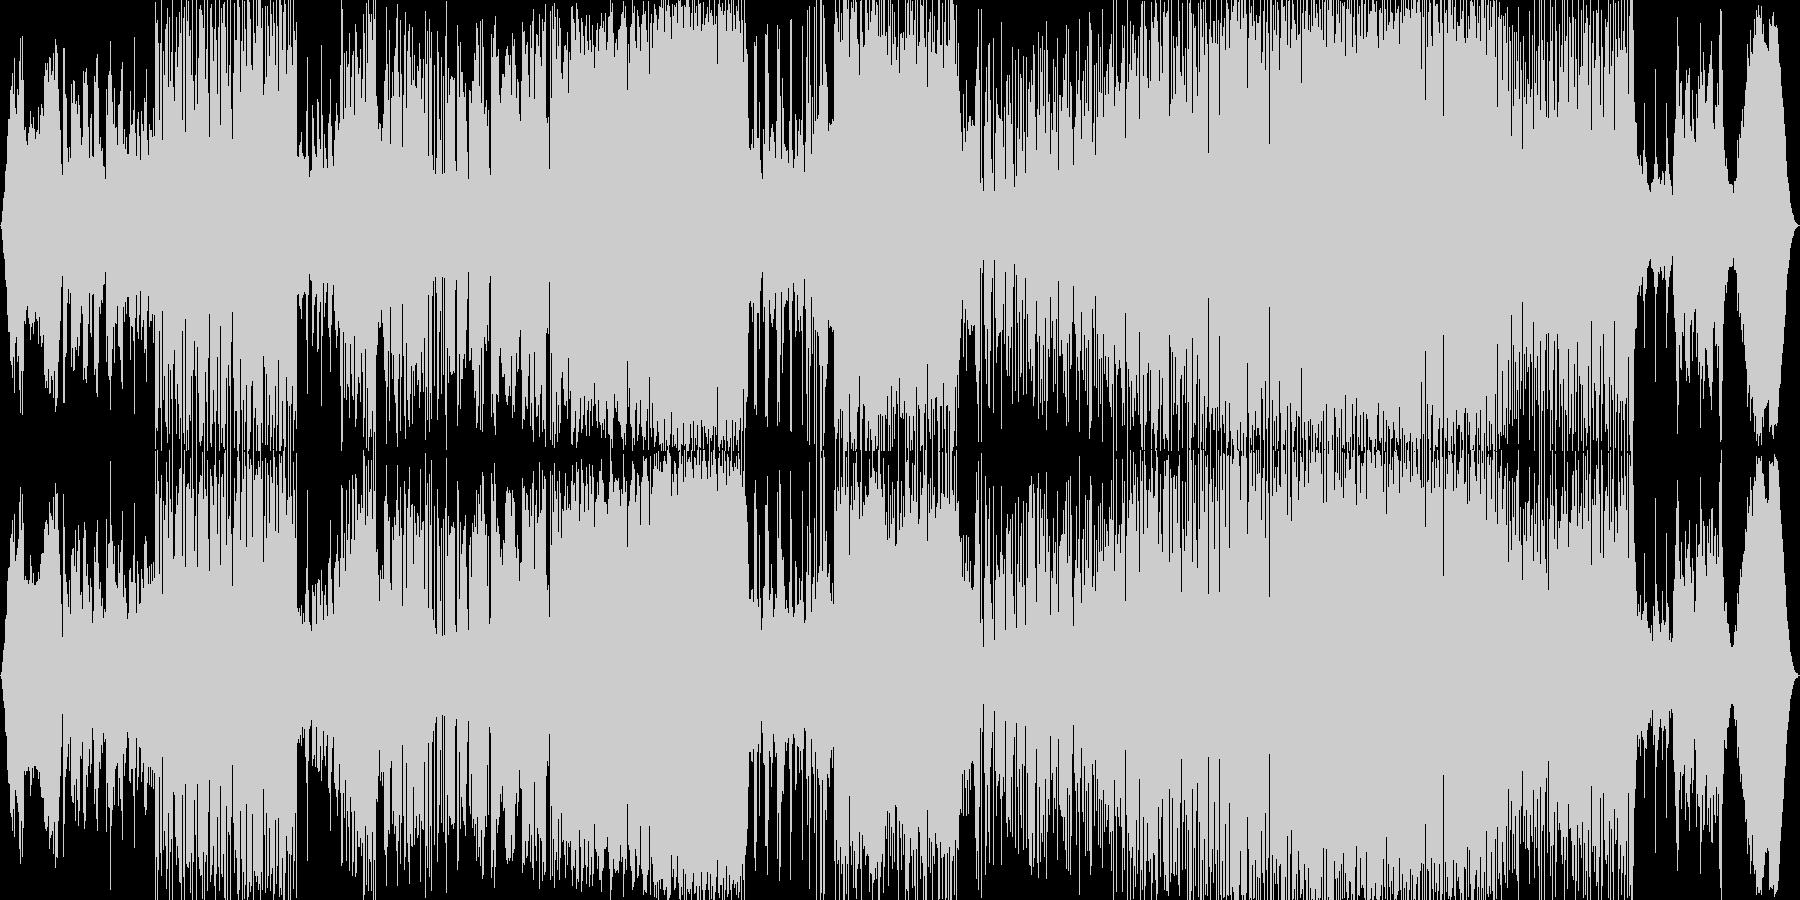 ピアノメインの全編7拍子で緊迫感のある曲の未再生の波形